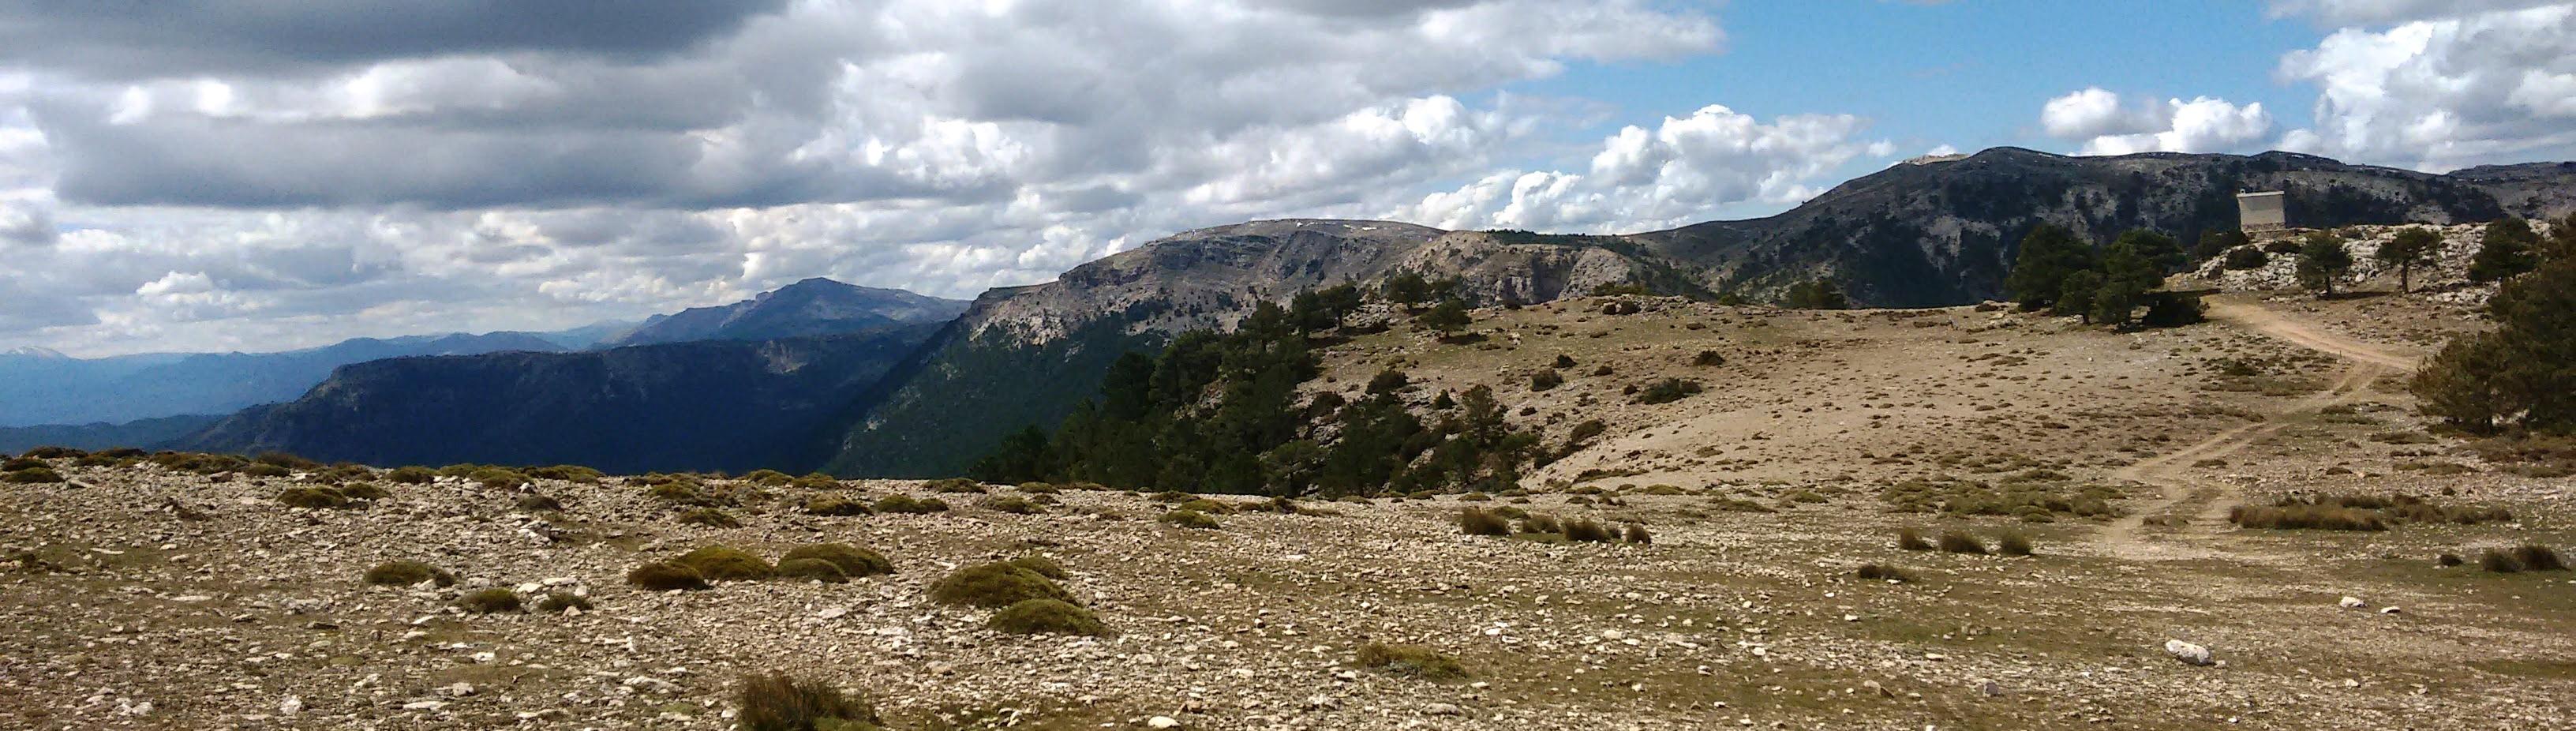 Zona de calar de la Sierra del Cujón